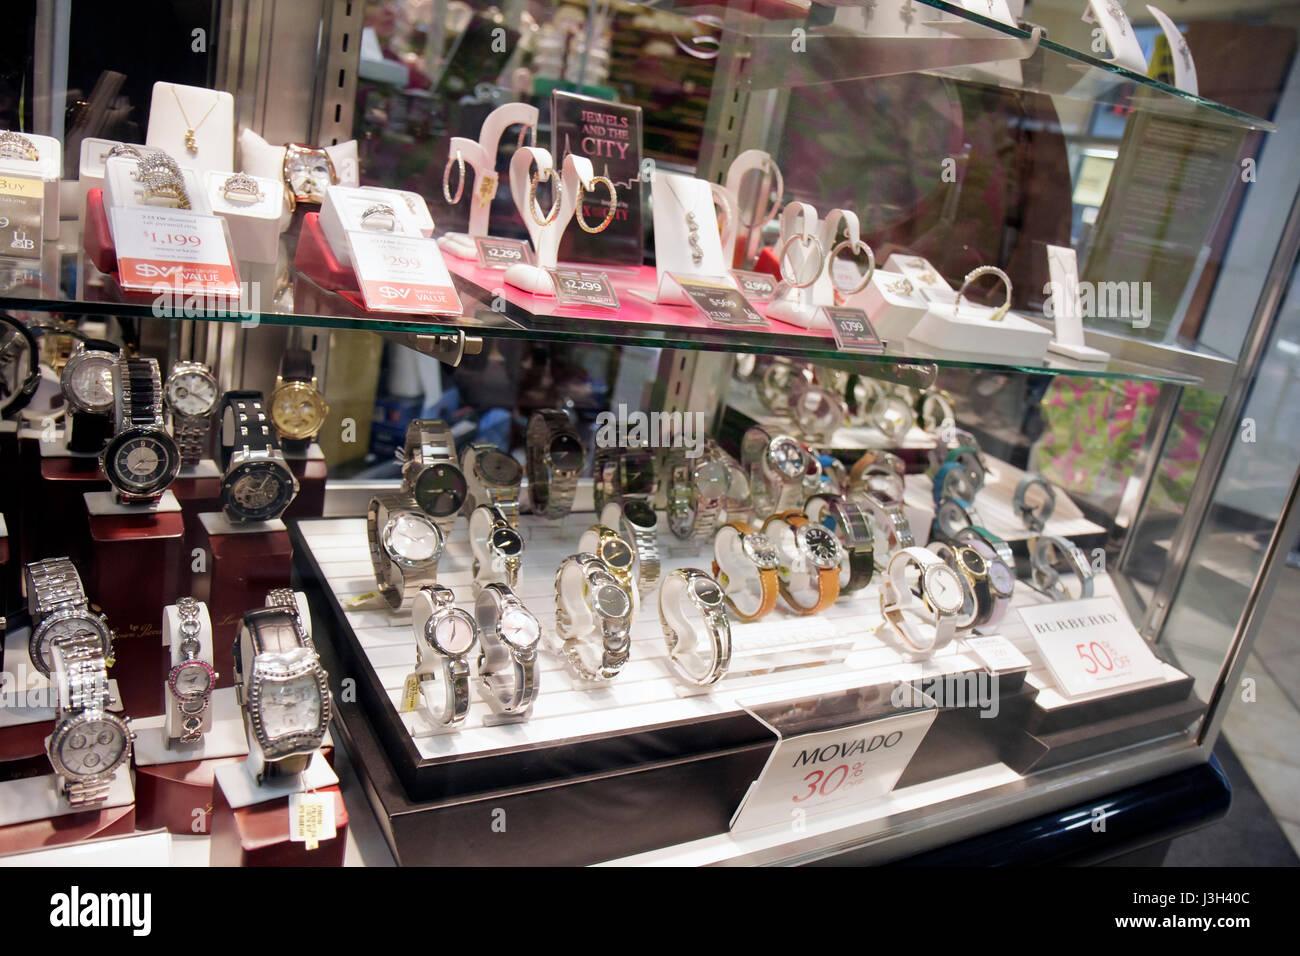 5dfe6502986f Venta De Joyas Imágenes De Stock   Venta De Joyas Fotos De Stock - Alamy